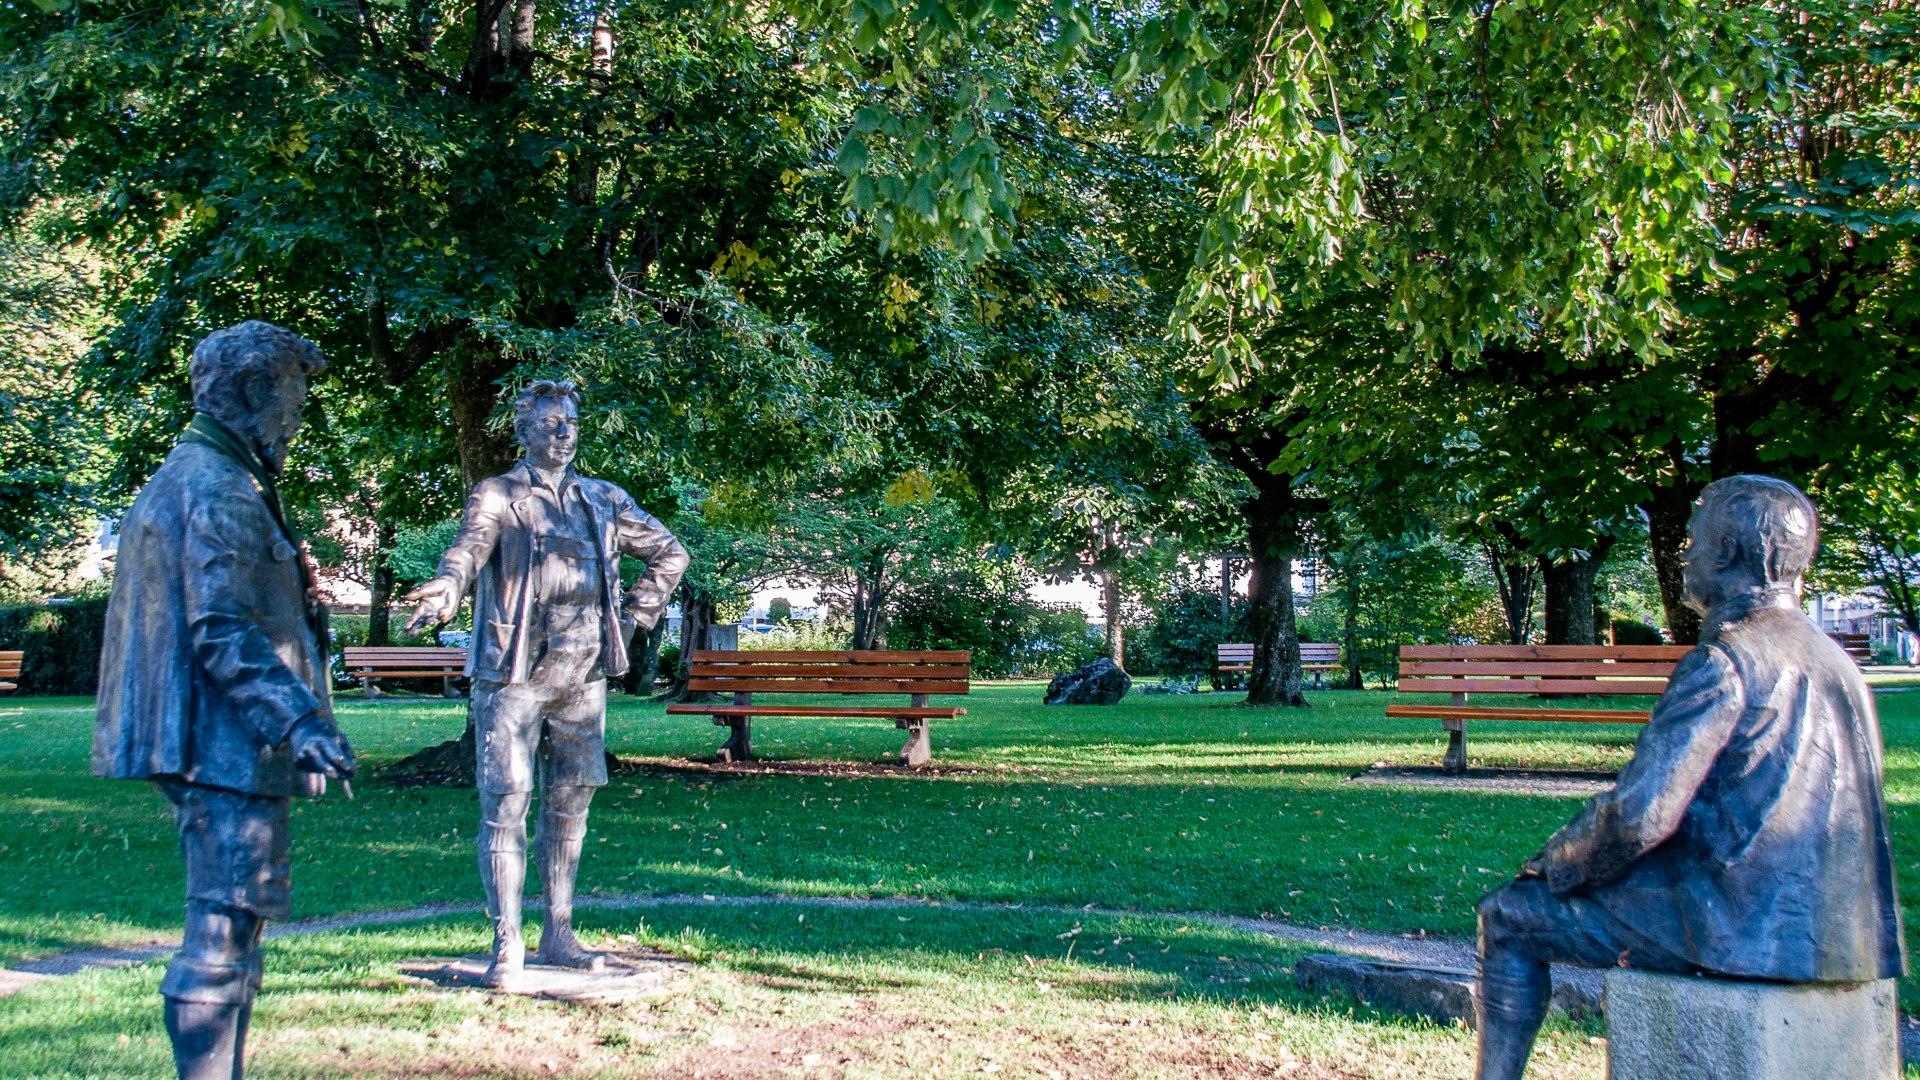 Skulpturen Slezak, Mann, Ganghofer in Rottach-Egern, © Der Tegernsee, Sabine Ziegler-Musiol